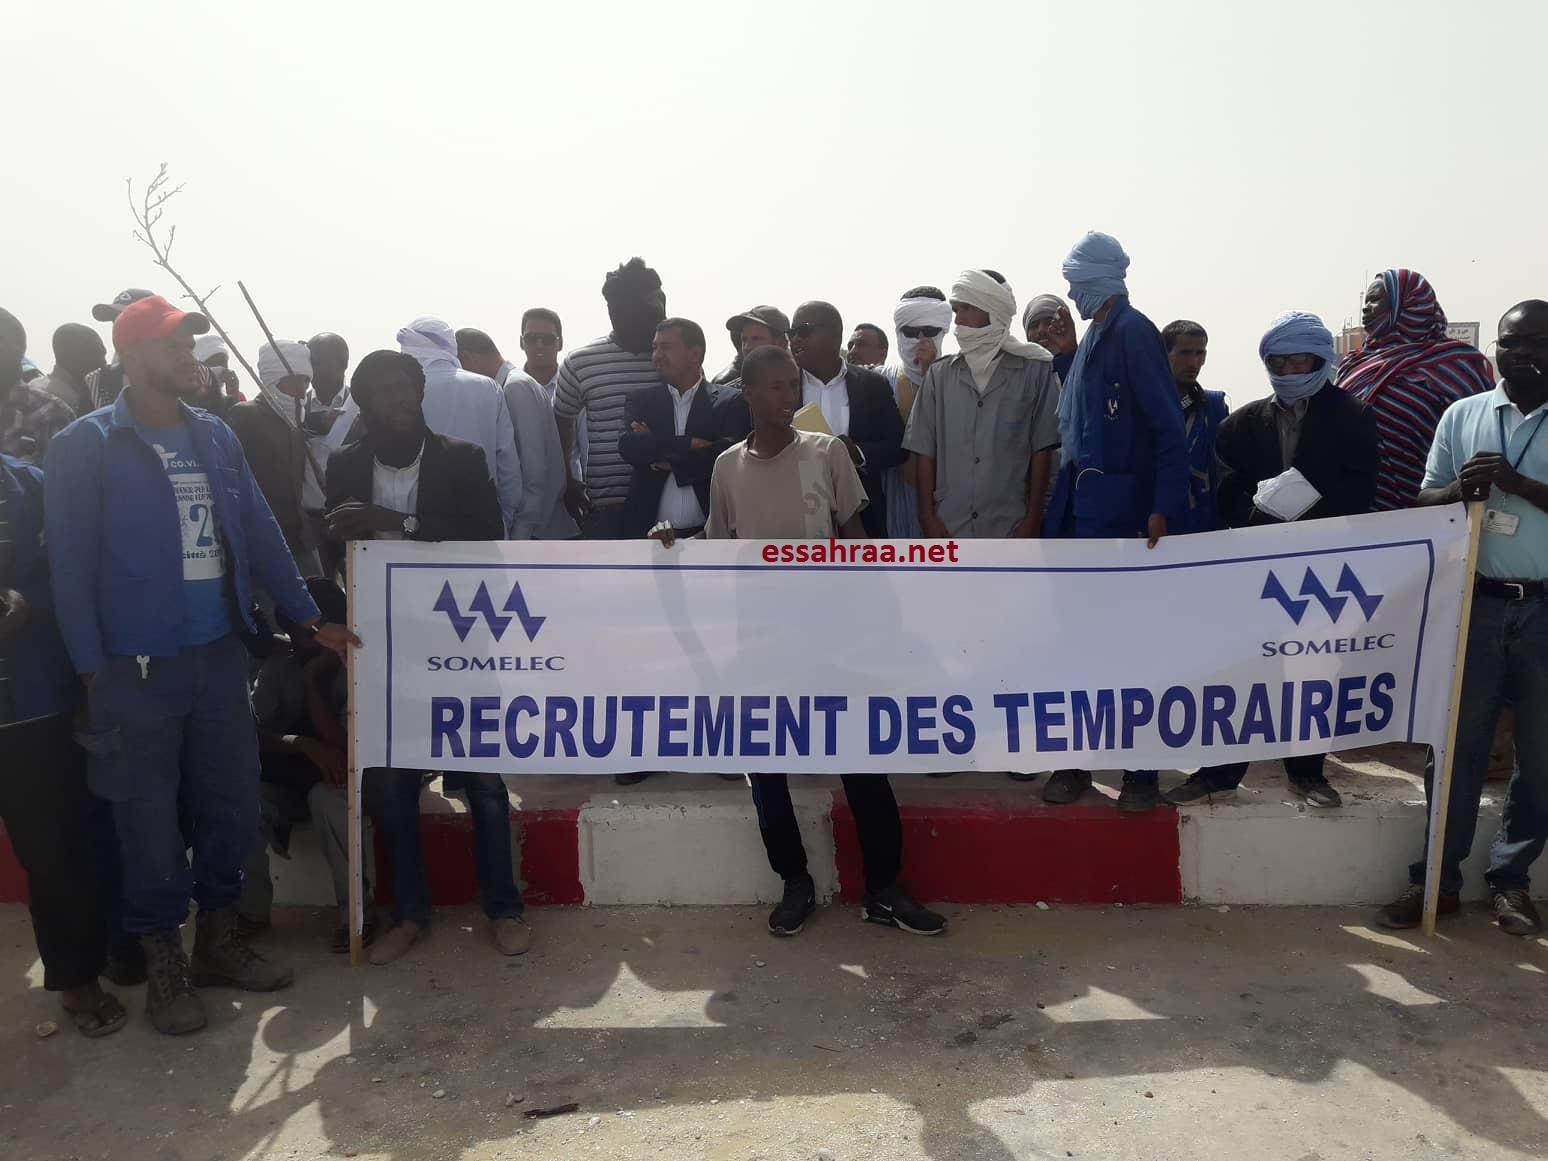 احتجاج عمال صوملك وسط نواكشوط